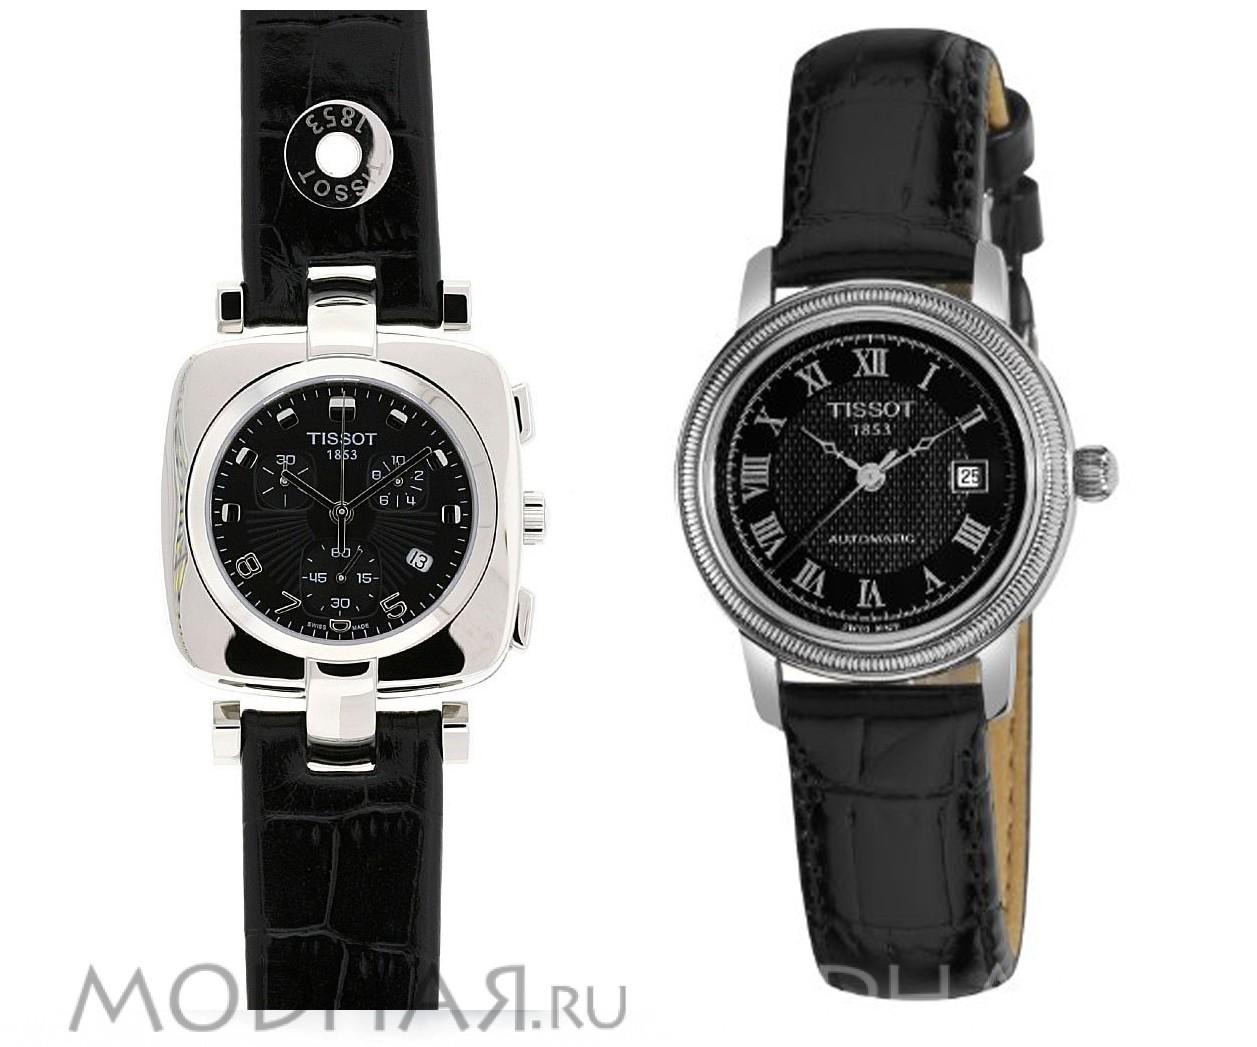 Купить наручные часы советского производства